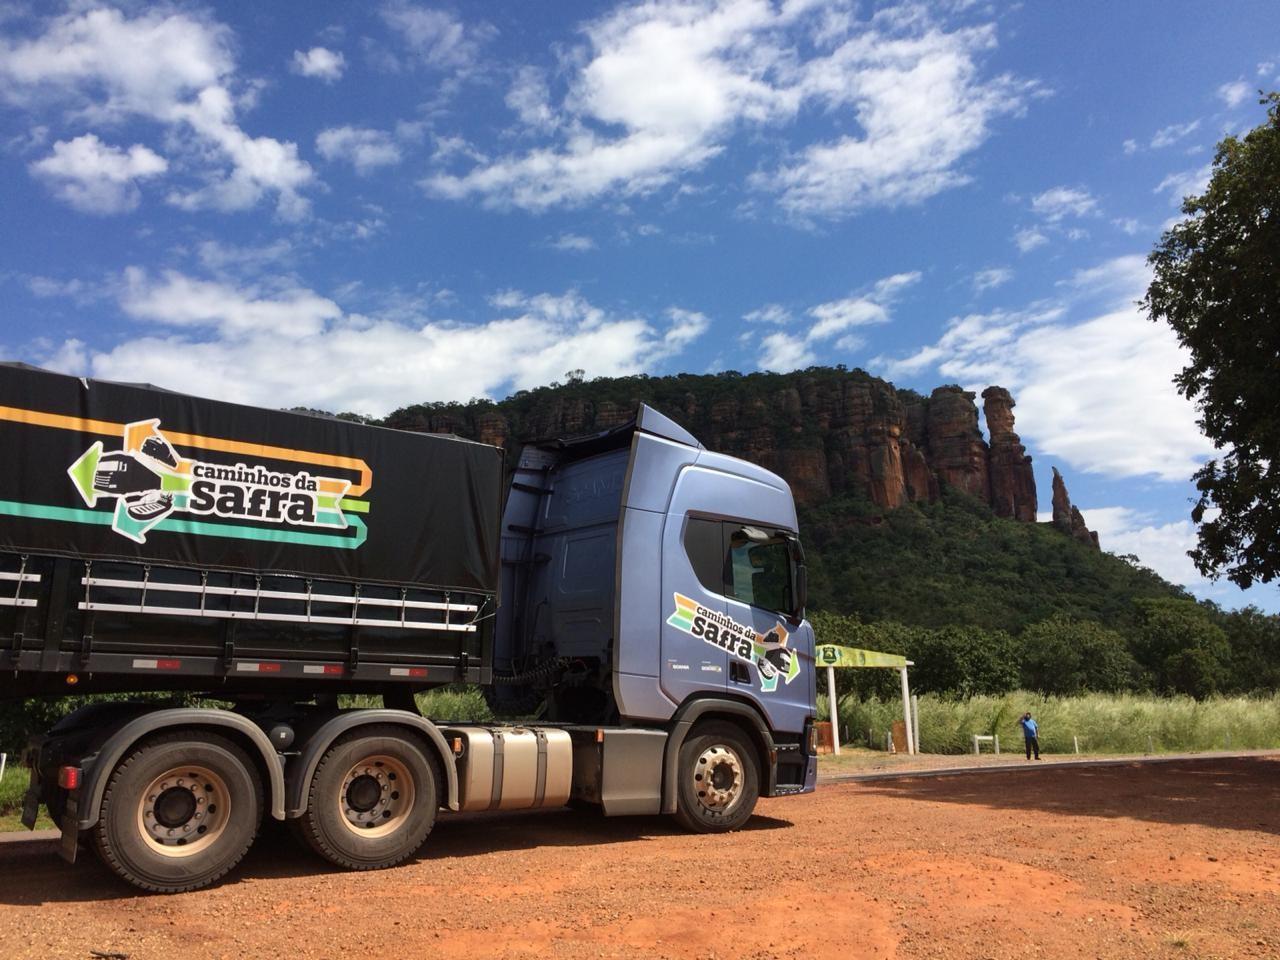 caminhos-da-safra-caminhão-scania-estrada (Foto: Fernando Martinho/Ed.Globo)